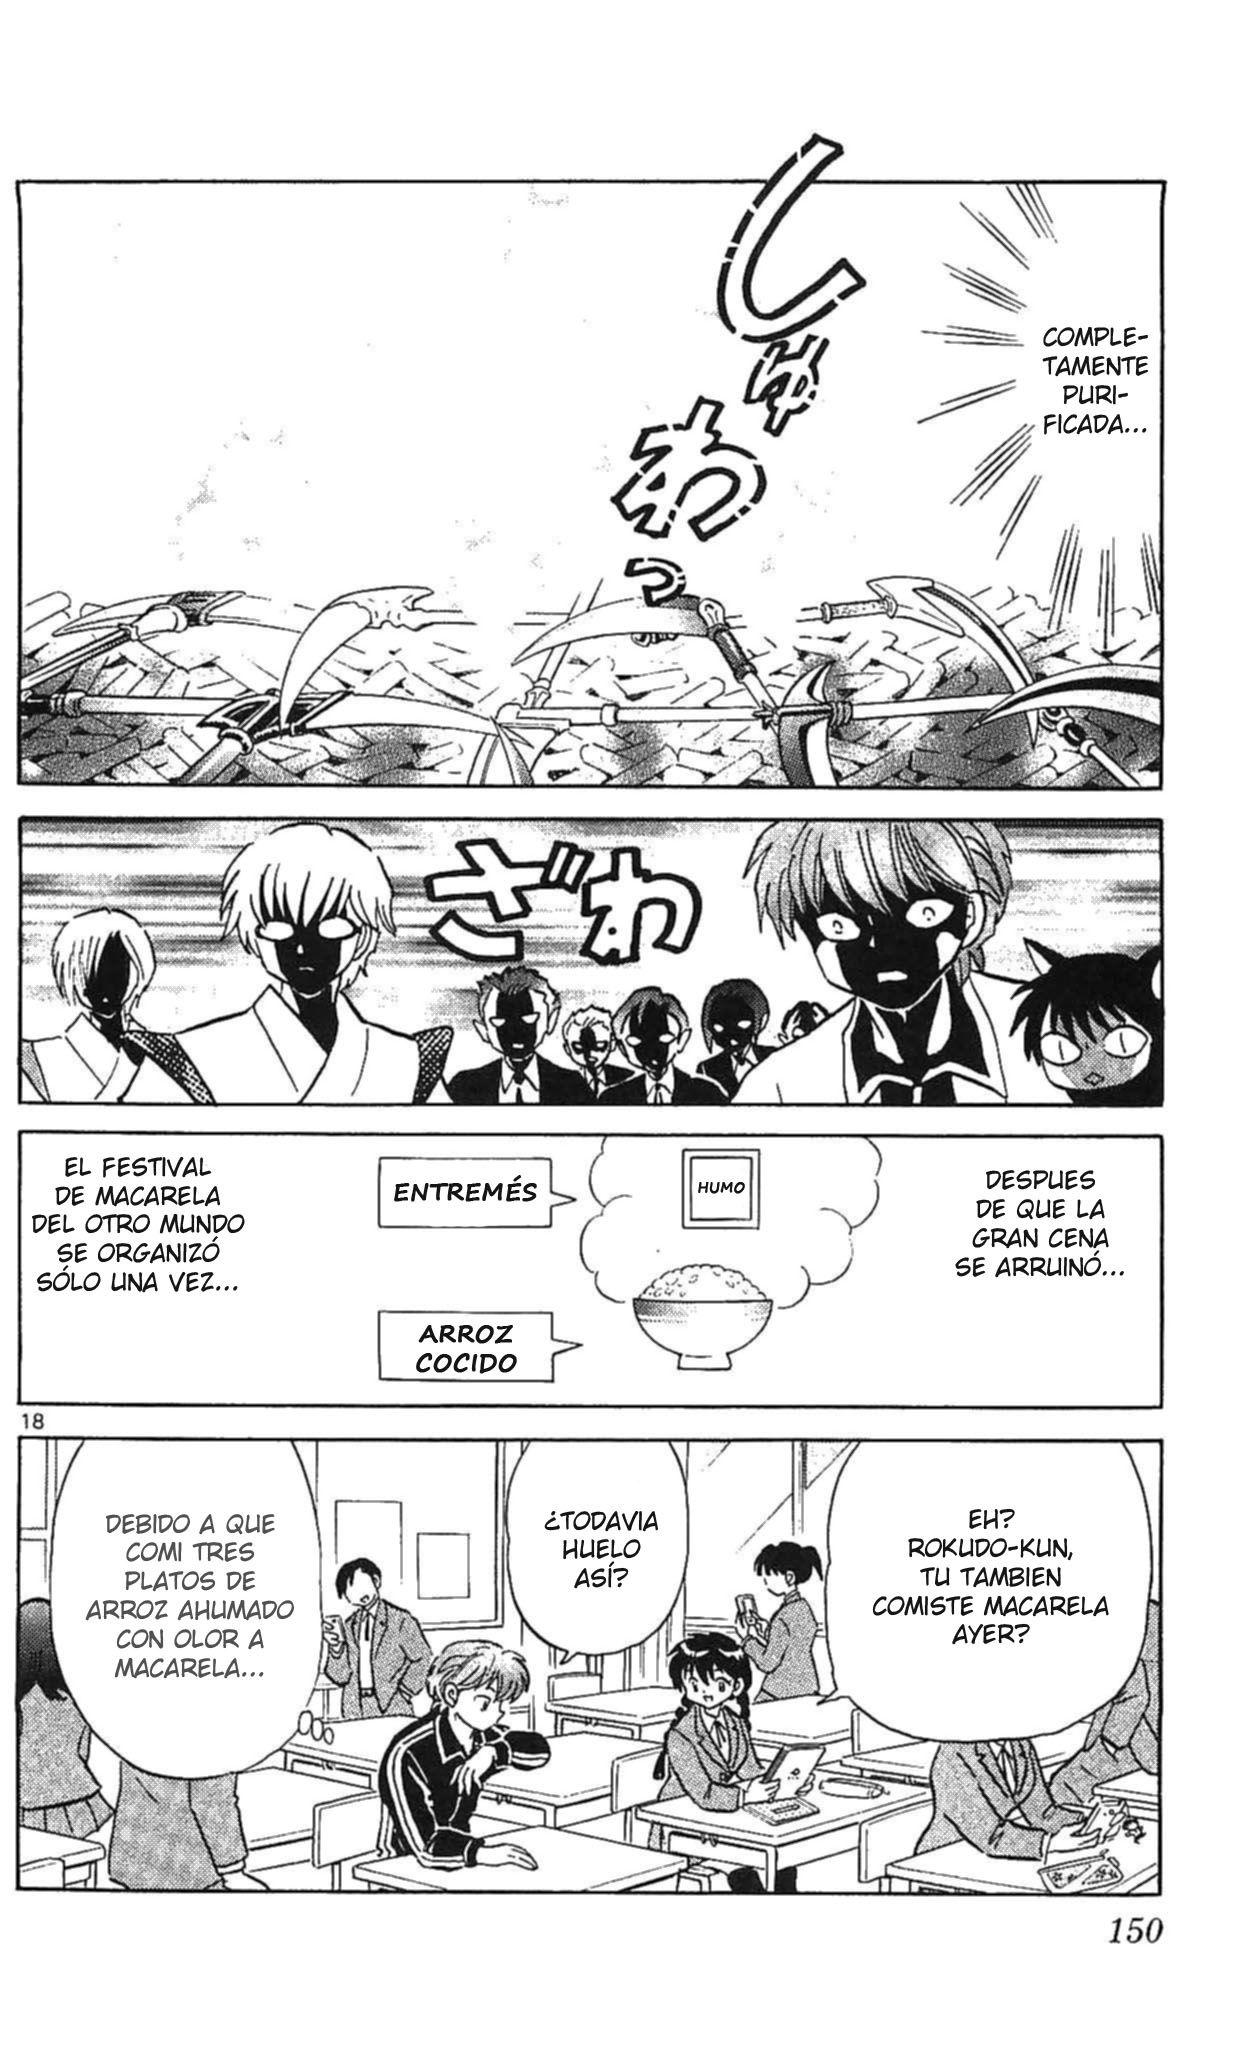 https://c5.ninemanga.com/es_manga/pic2/33/609/524733/b0c1e089efc6e1ea96b709748b7b9596.jpg Page 19